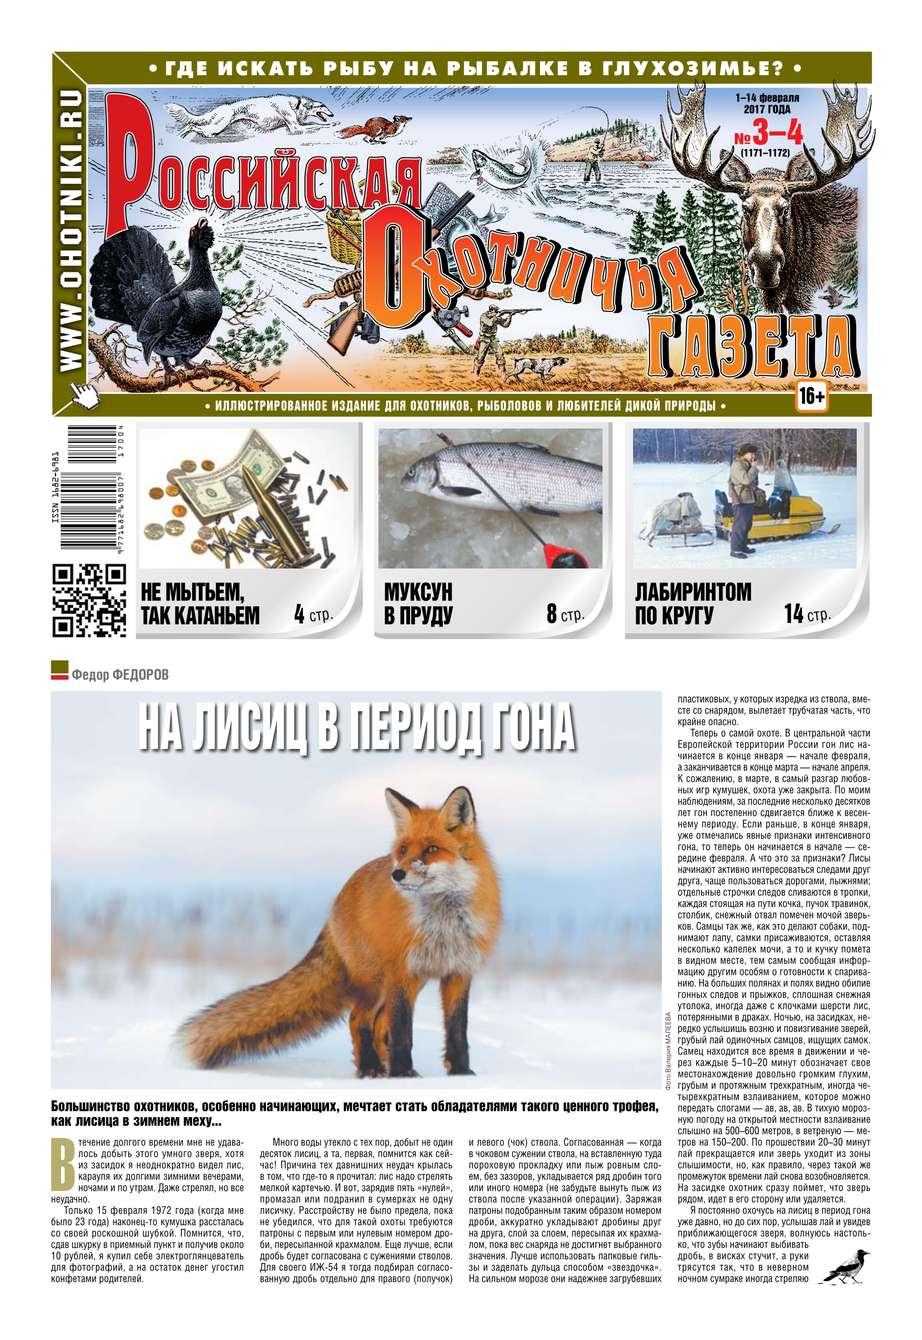 Редакция газеты Российская Охотничья Газета Российская Охотничья Газета 03-04-2017